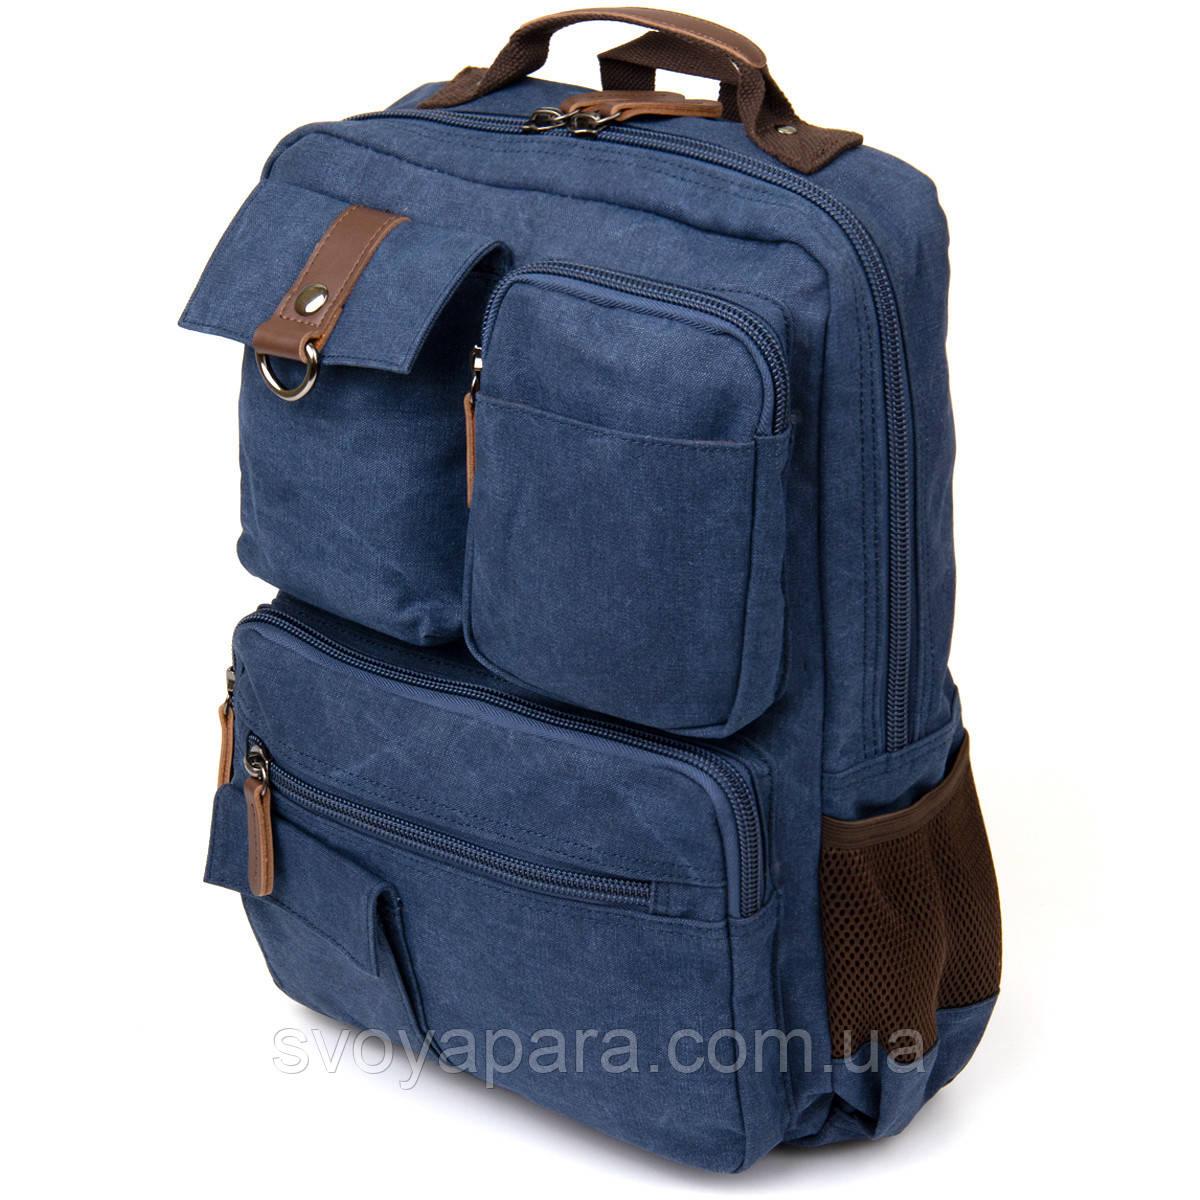 Рюкзак текстильный дорожный унисекс Vintage 20621 Синий